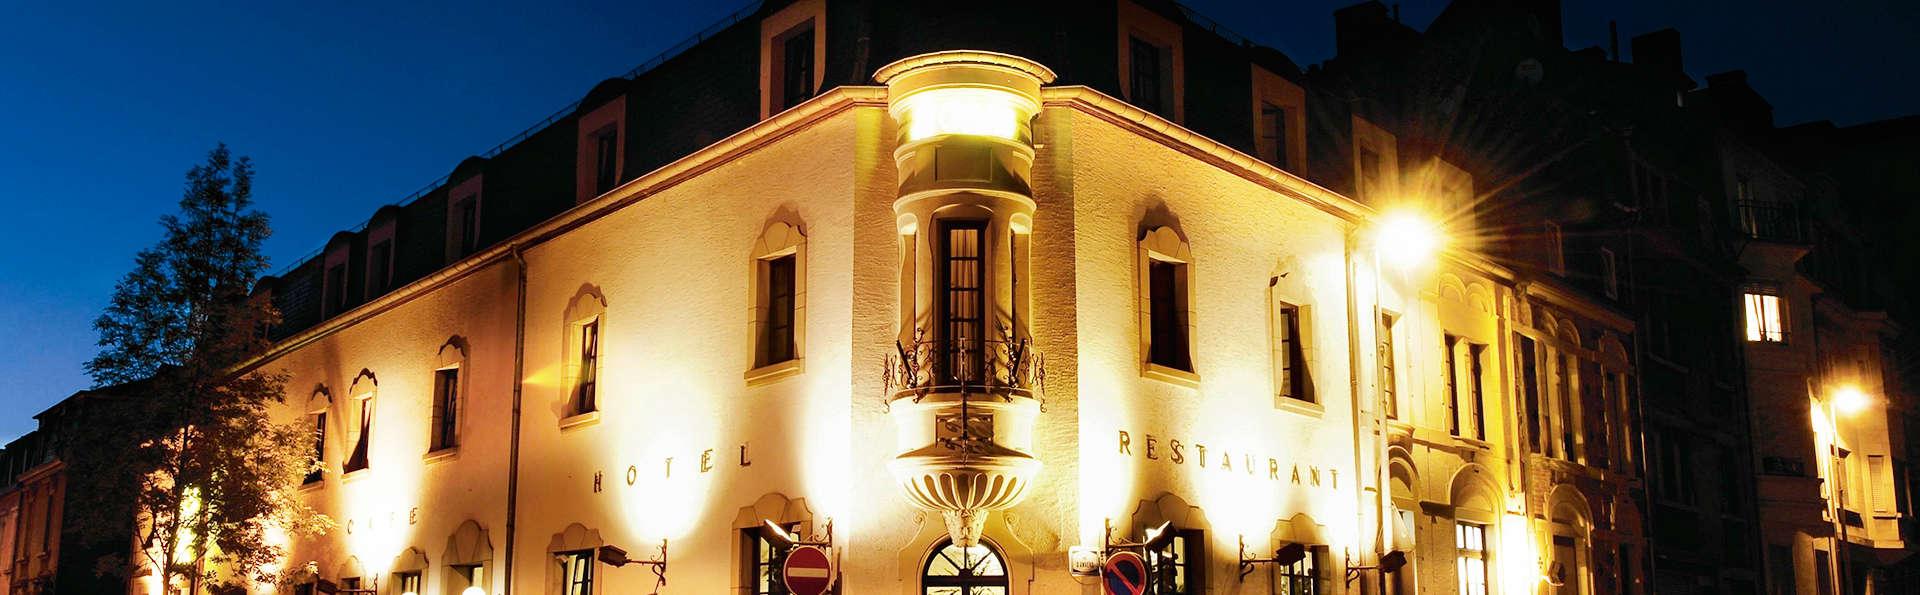 Echappée avec dîner dans un hôtel de charme à Luxembourg-Ville